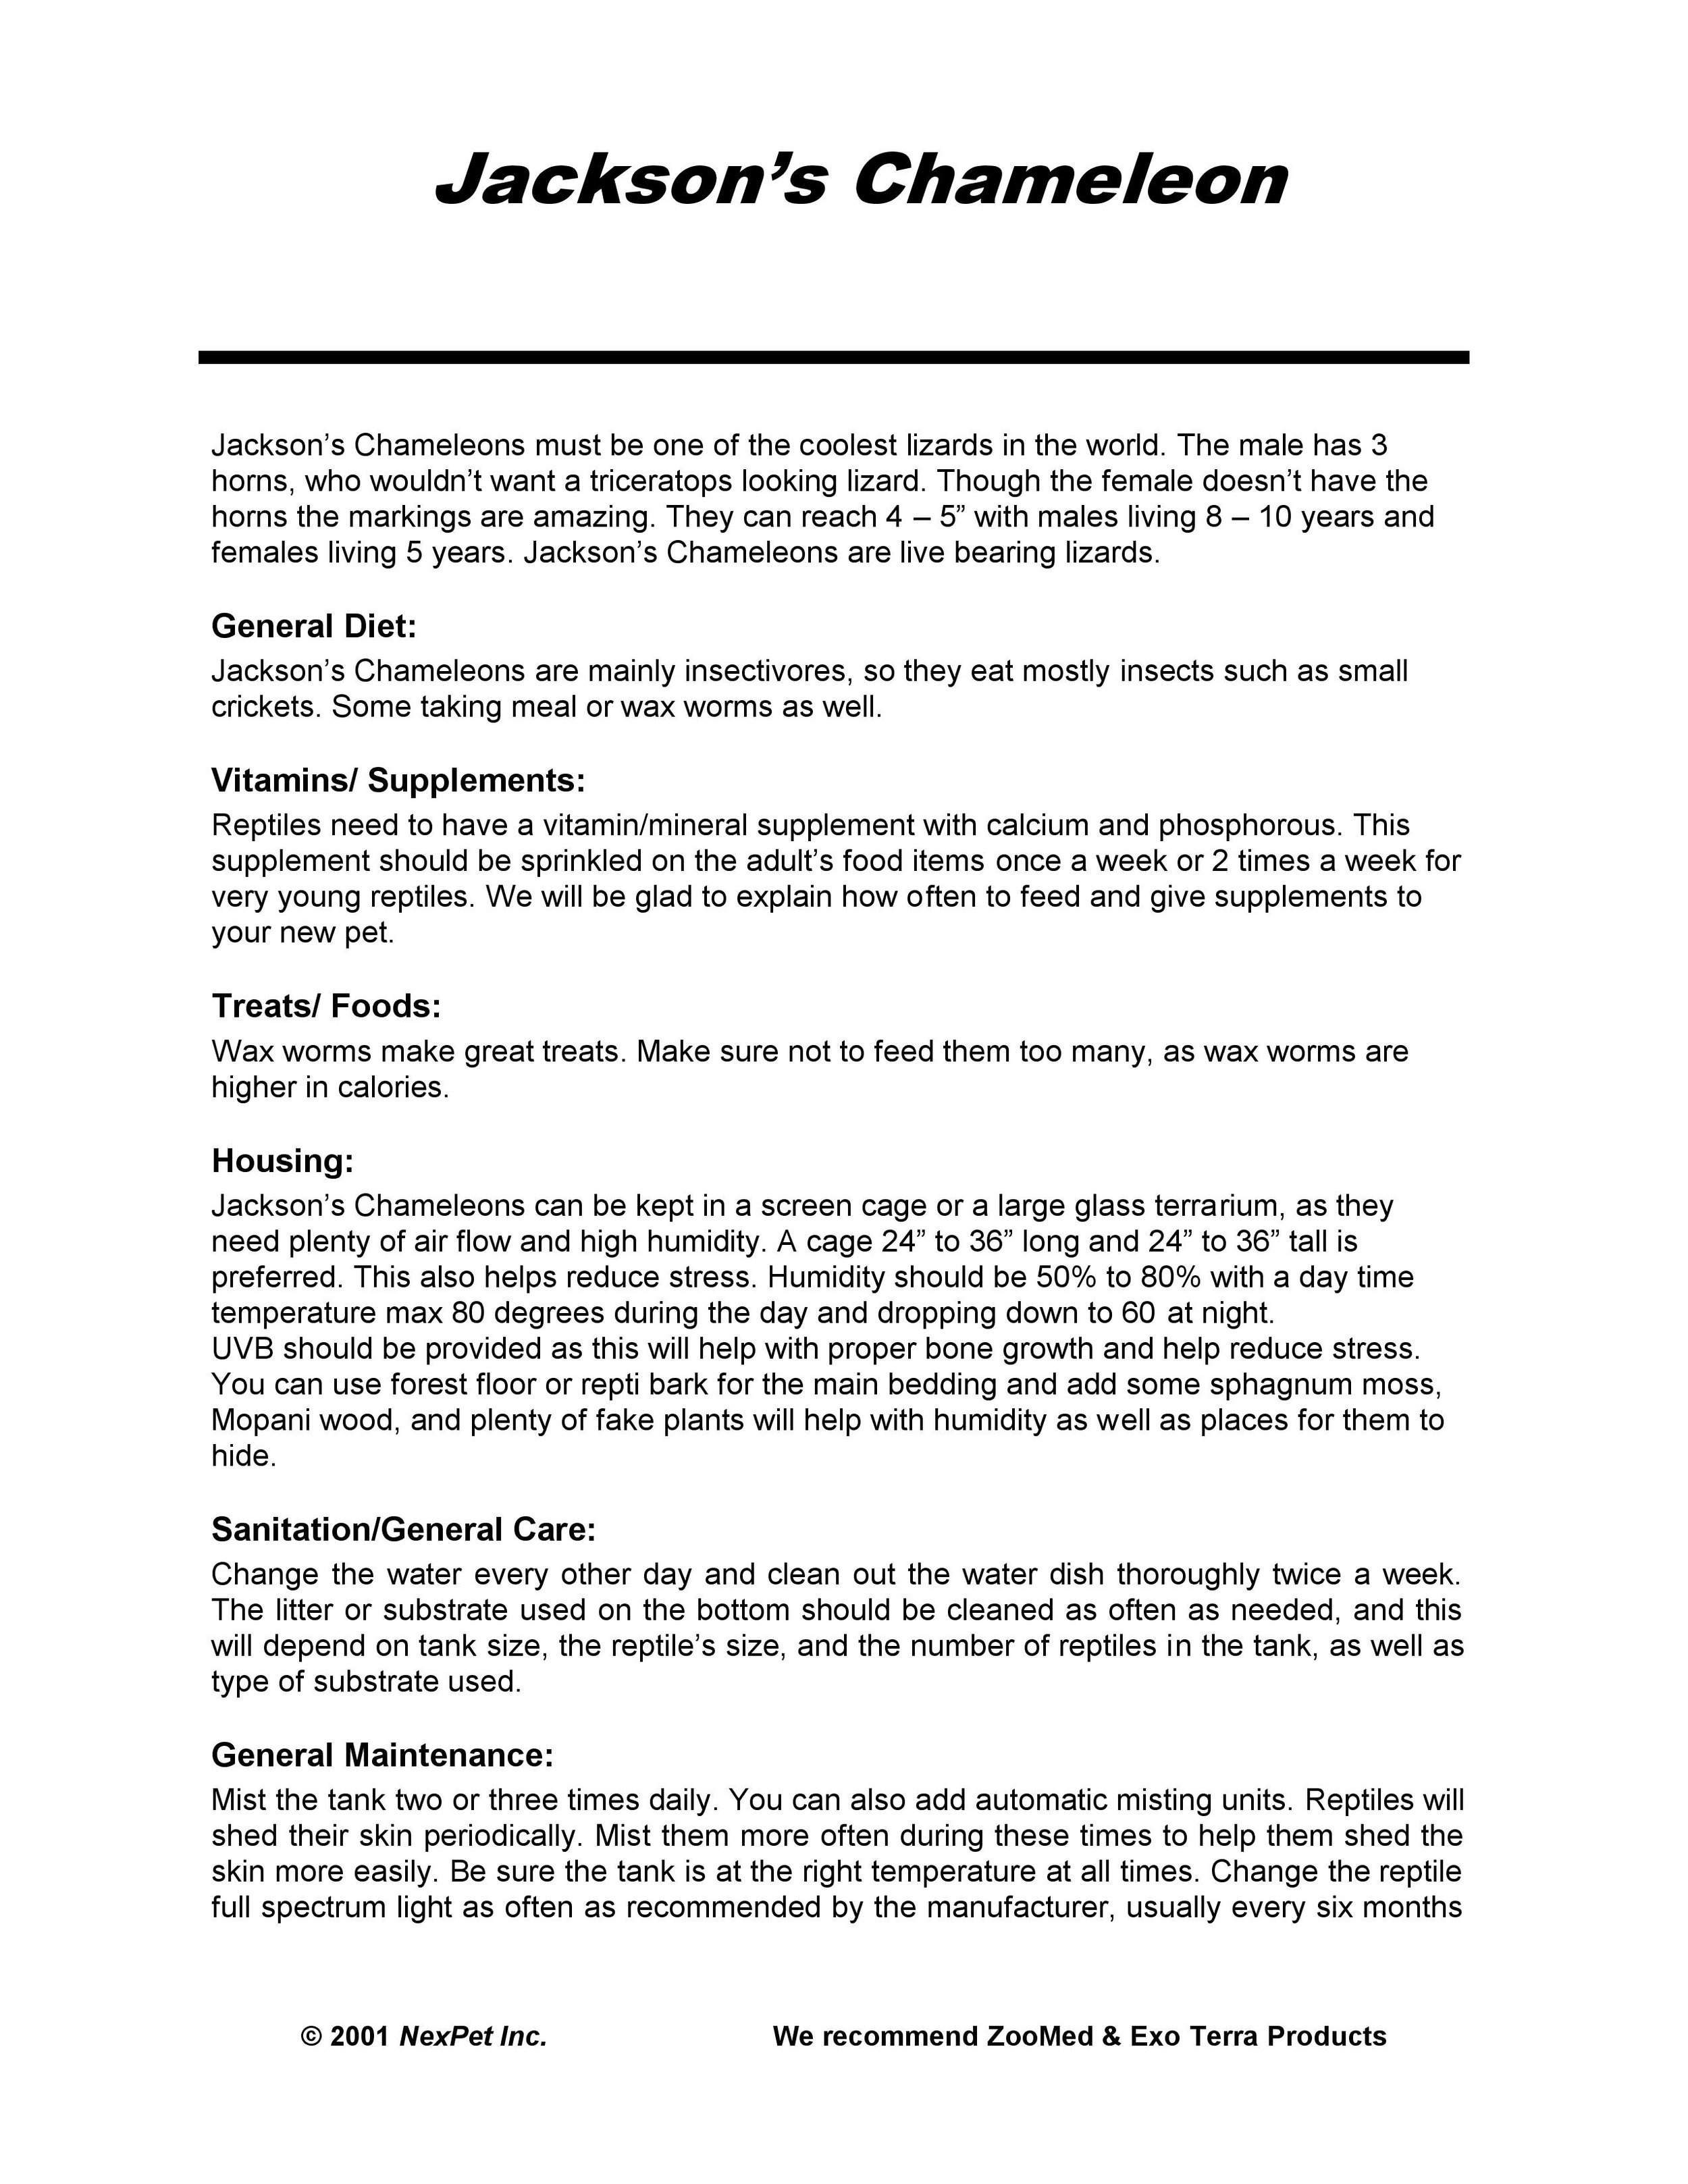 Jackson Chameleon Care Sheet pg1